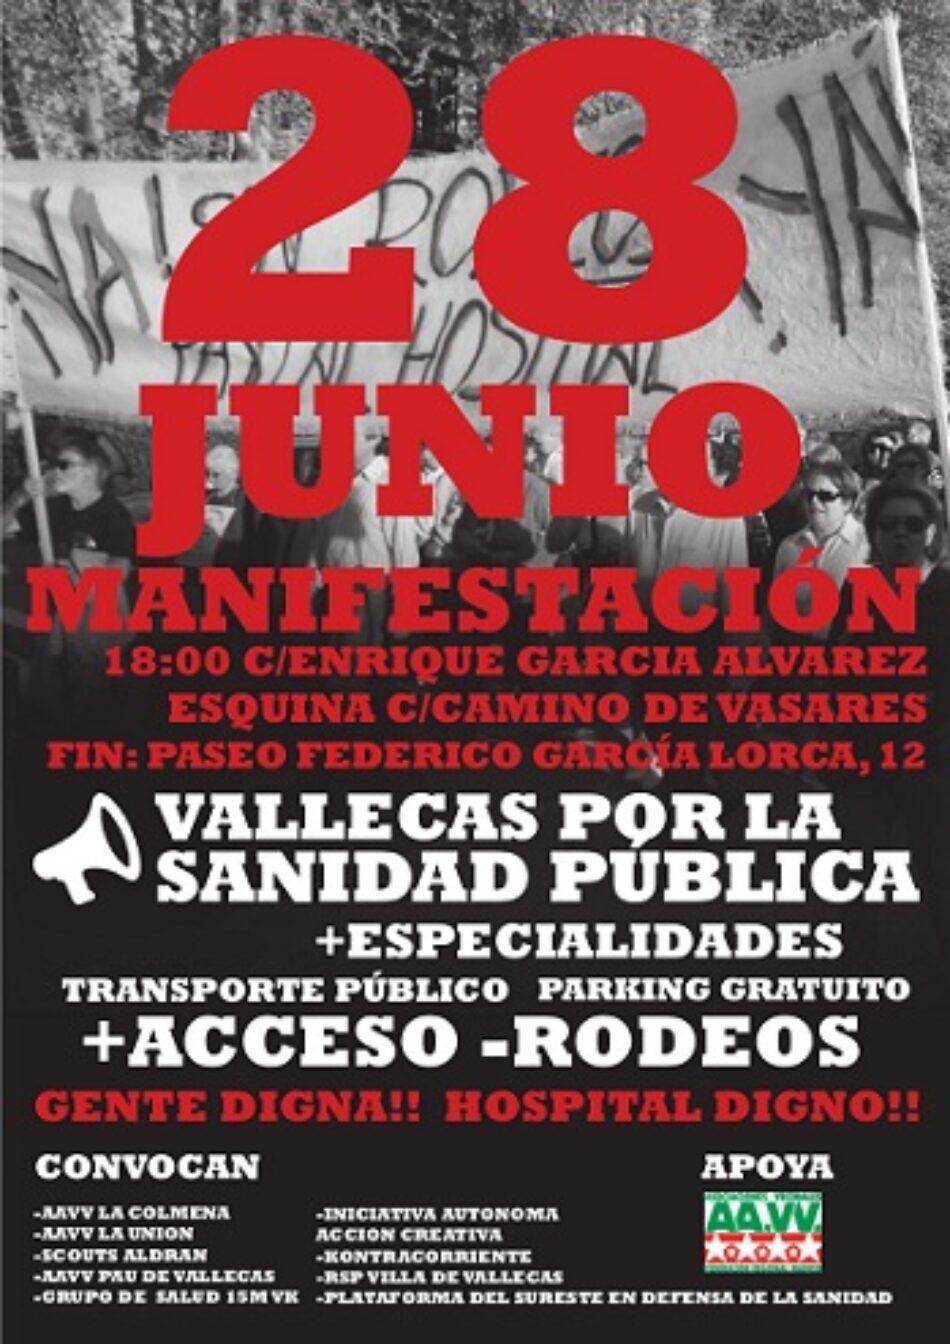 Los vallecanos salen a la calle en defensa del Hospital Infanta Leonor